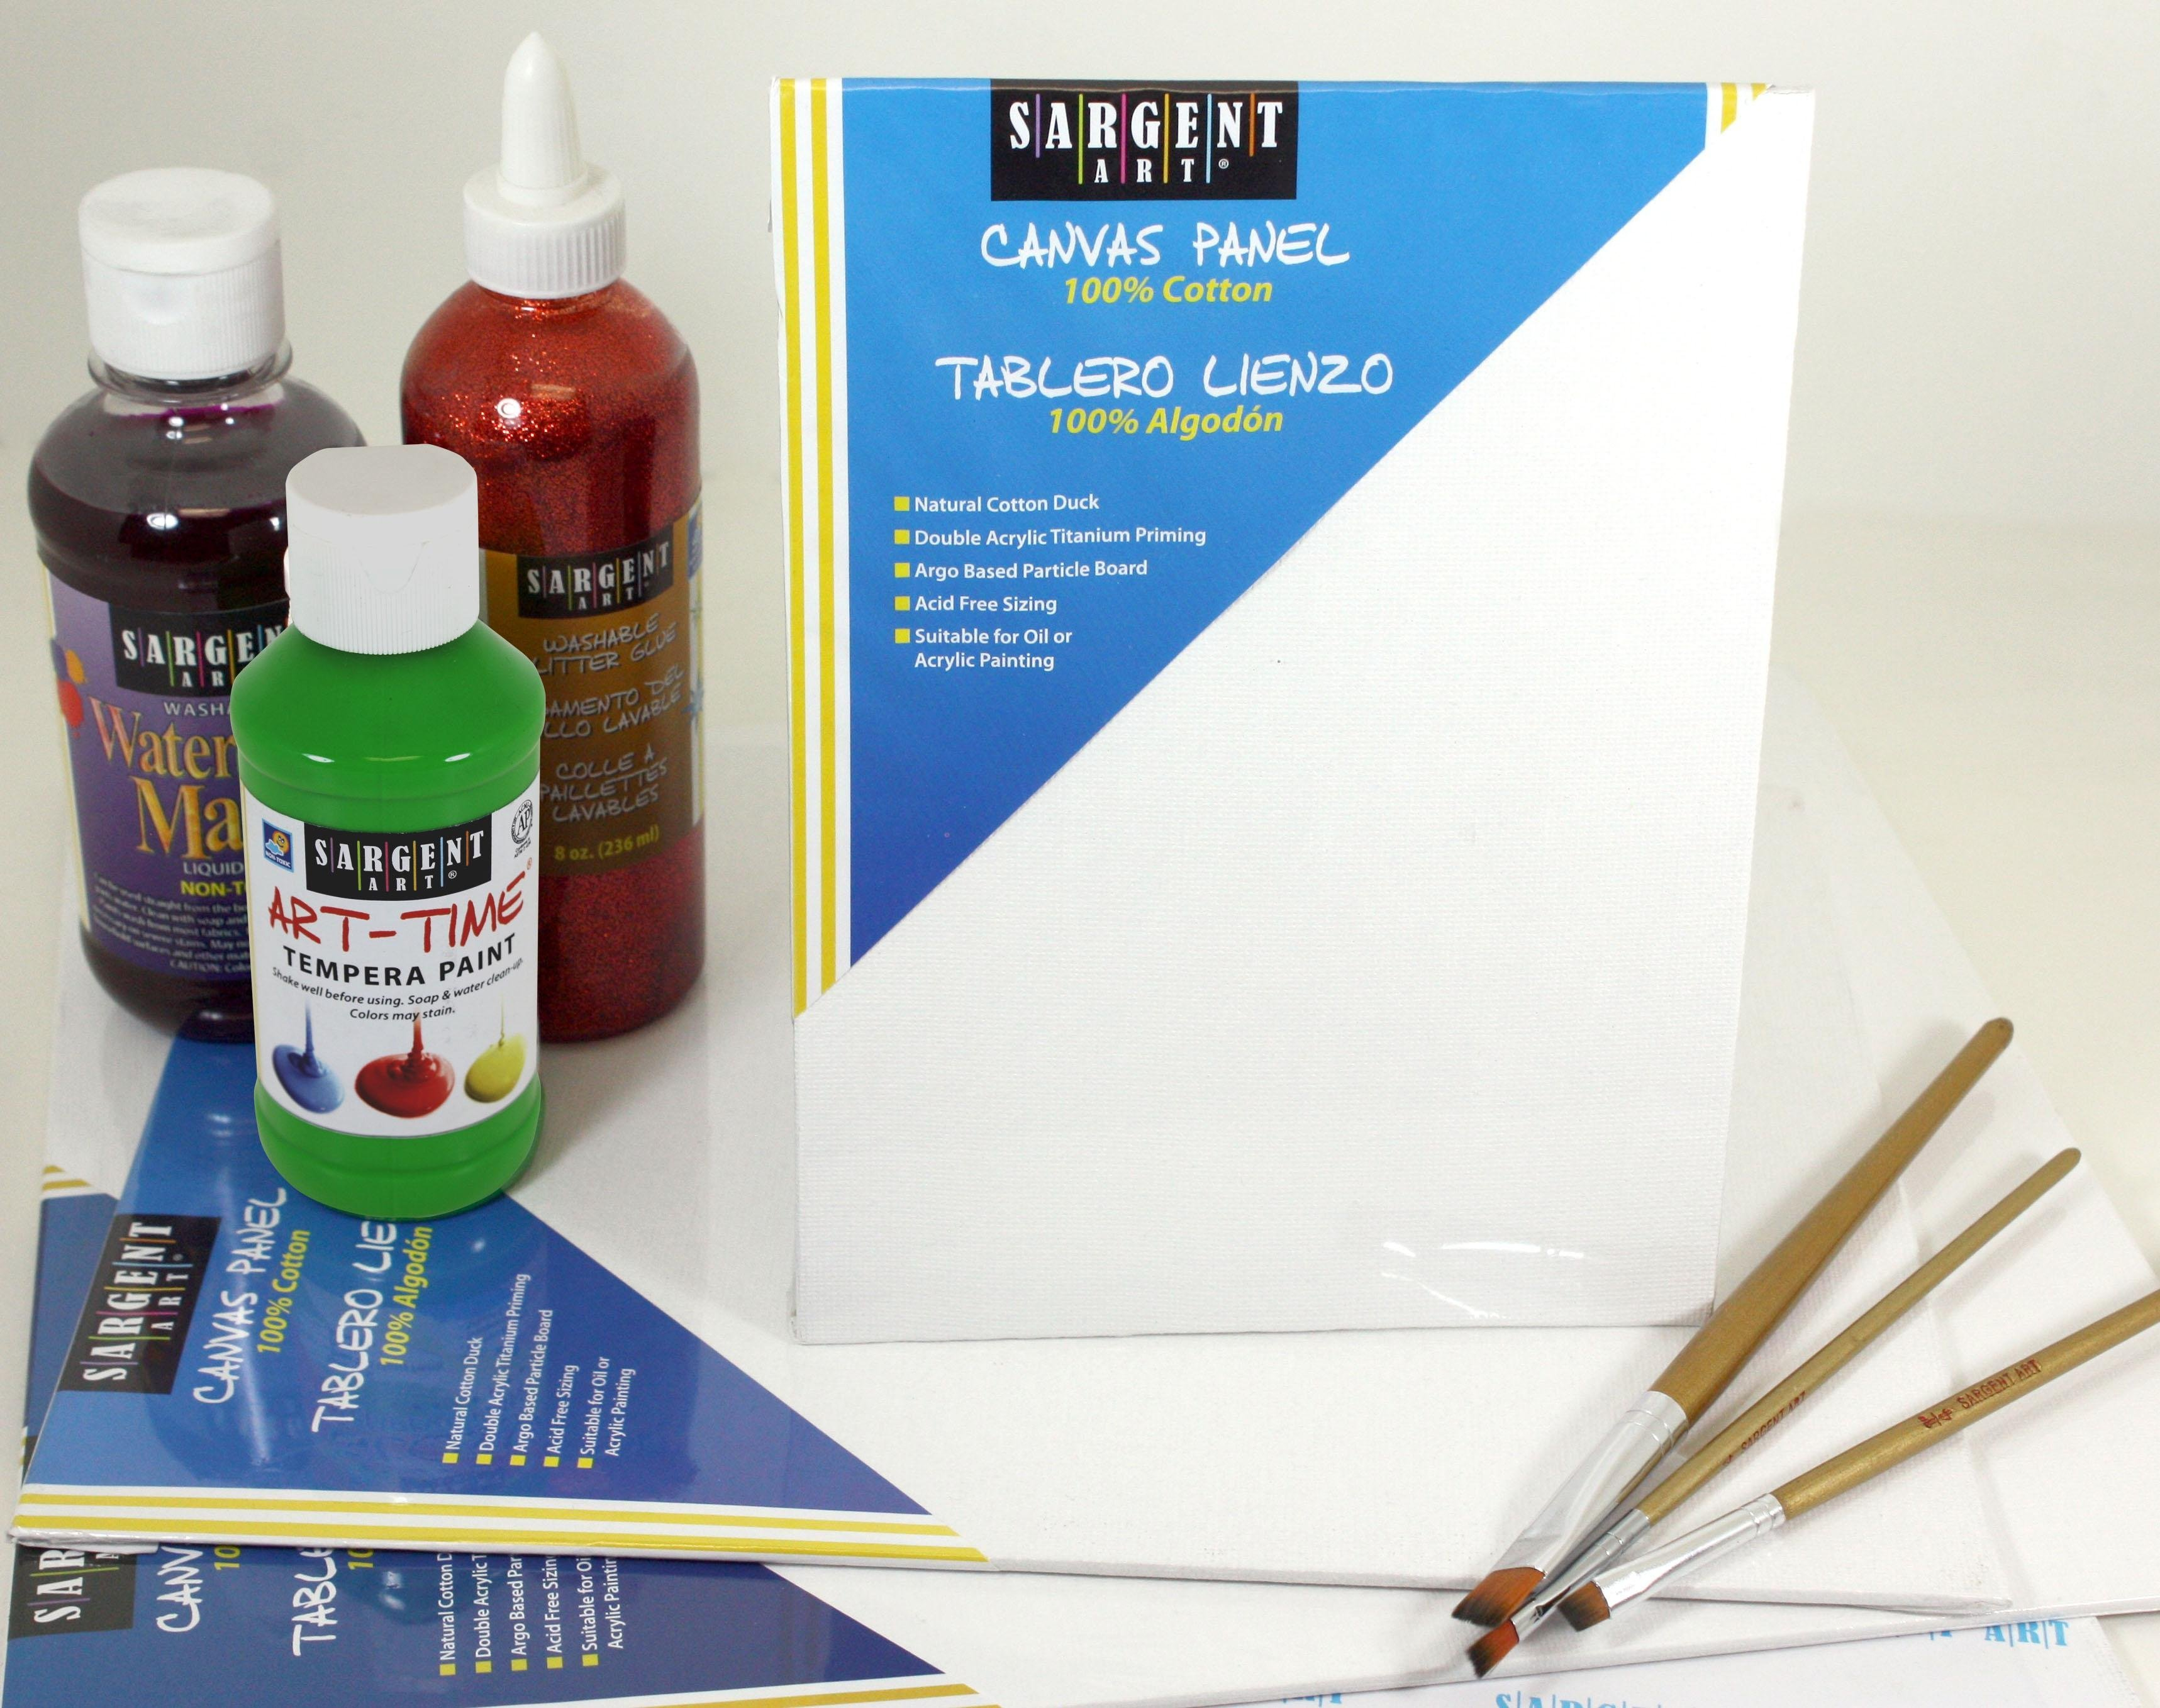 Amazon.com: Sargent Art 90-3017 22x30-Inch Canvas Panel, 100% Cotton